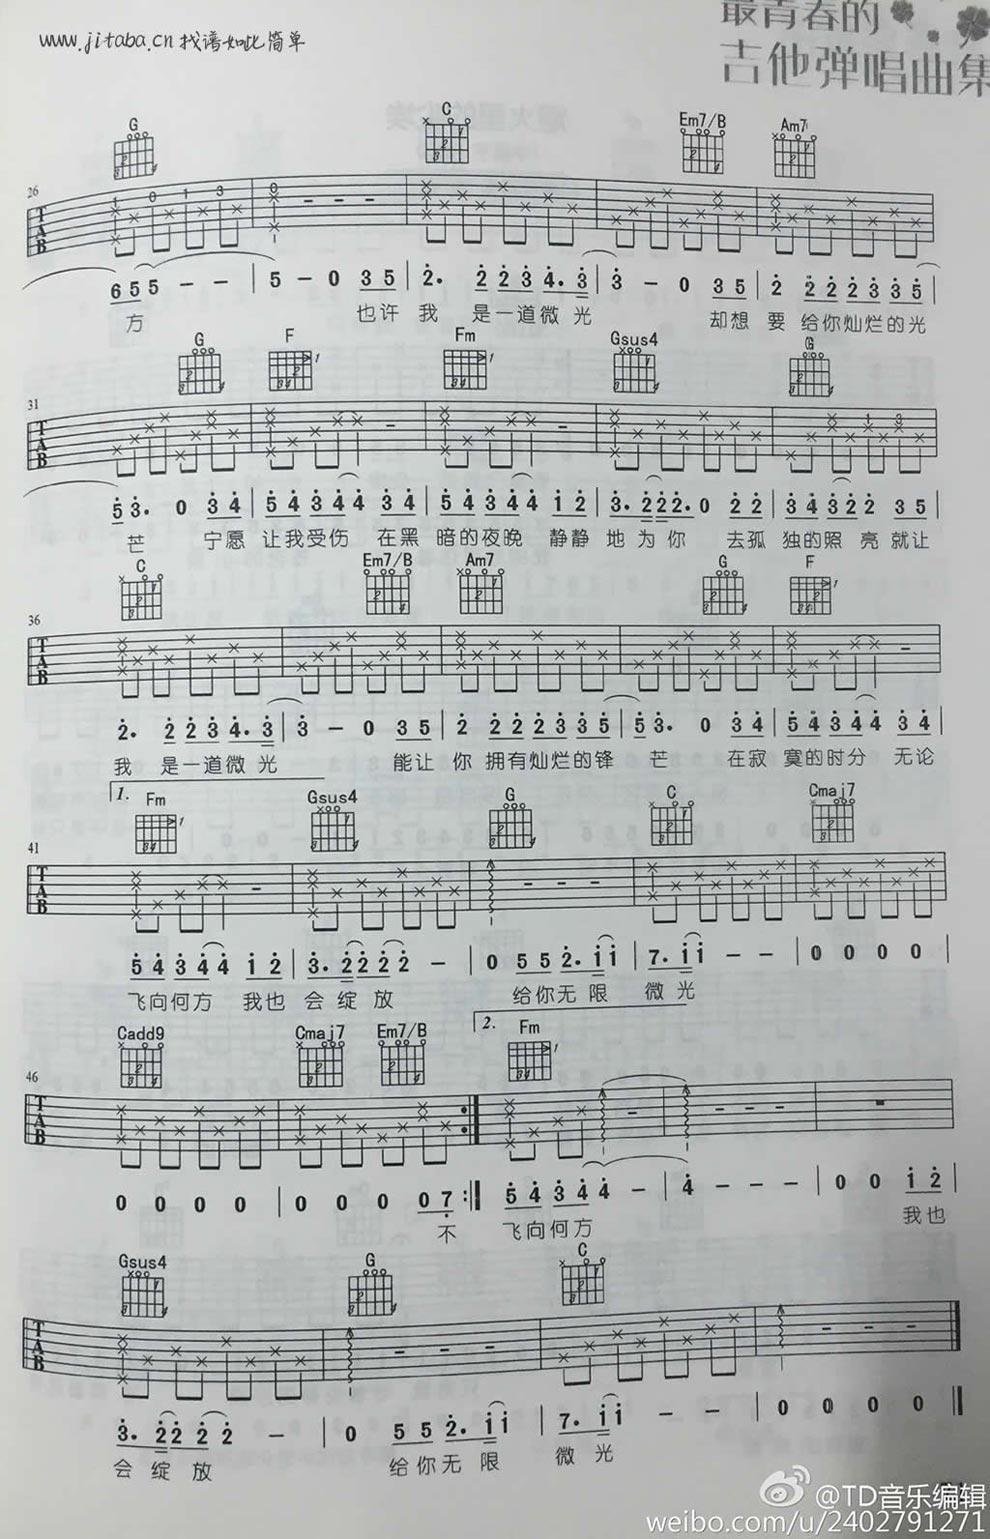 微光c调 吉他弹唱示范吉他谱视频吉他谱 华晨宇-彼岸图片